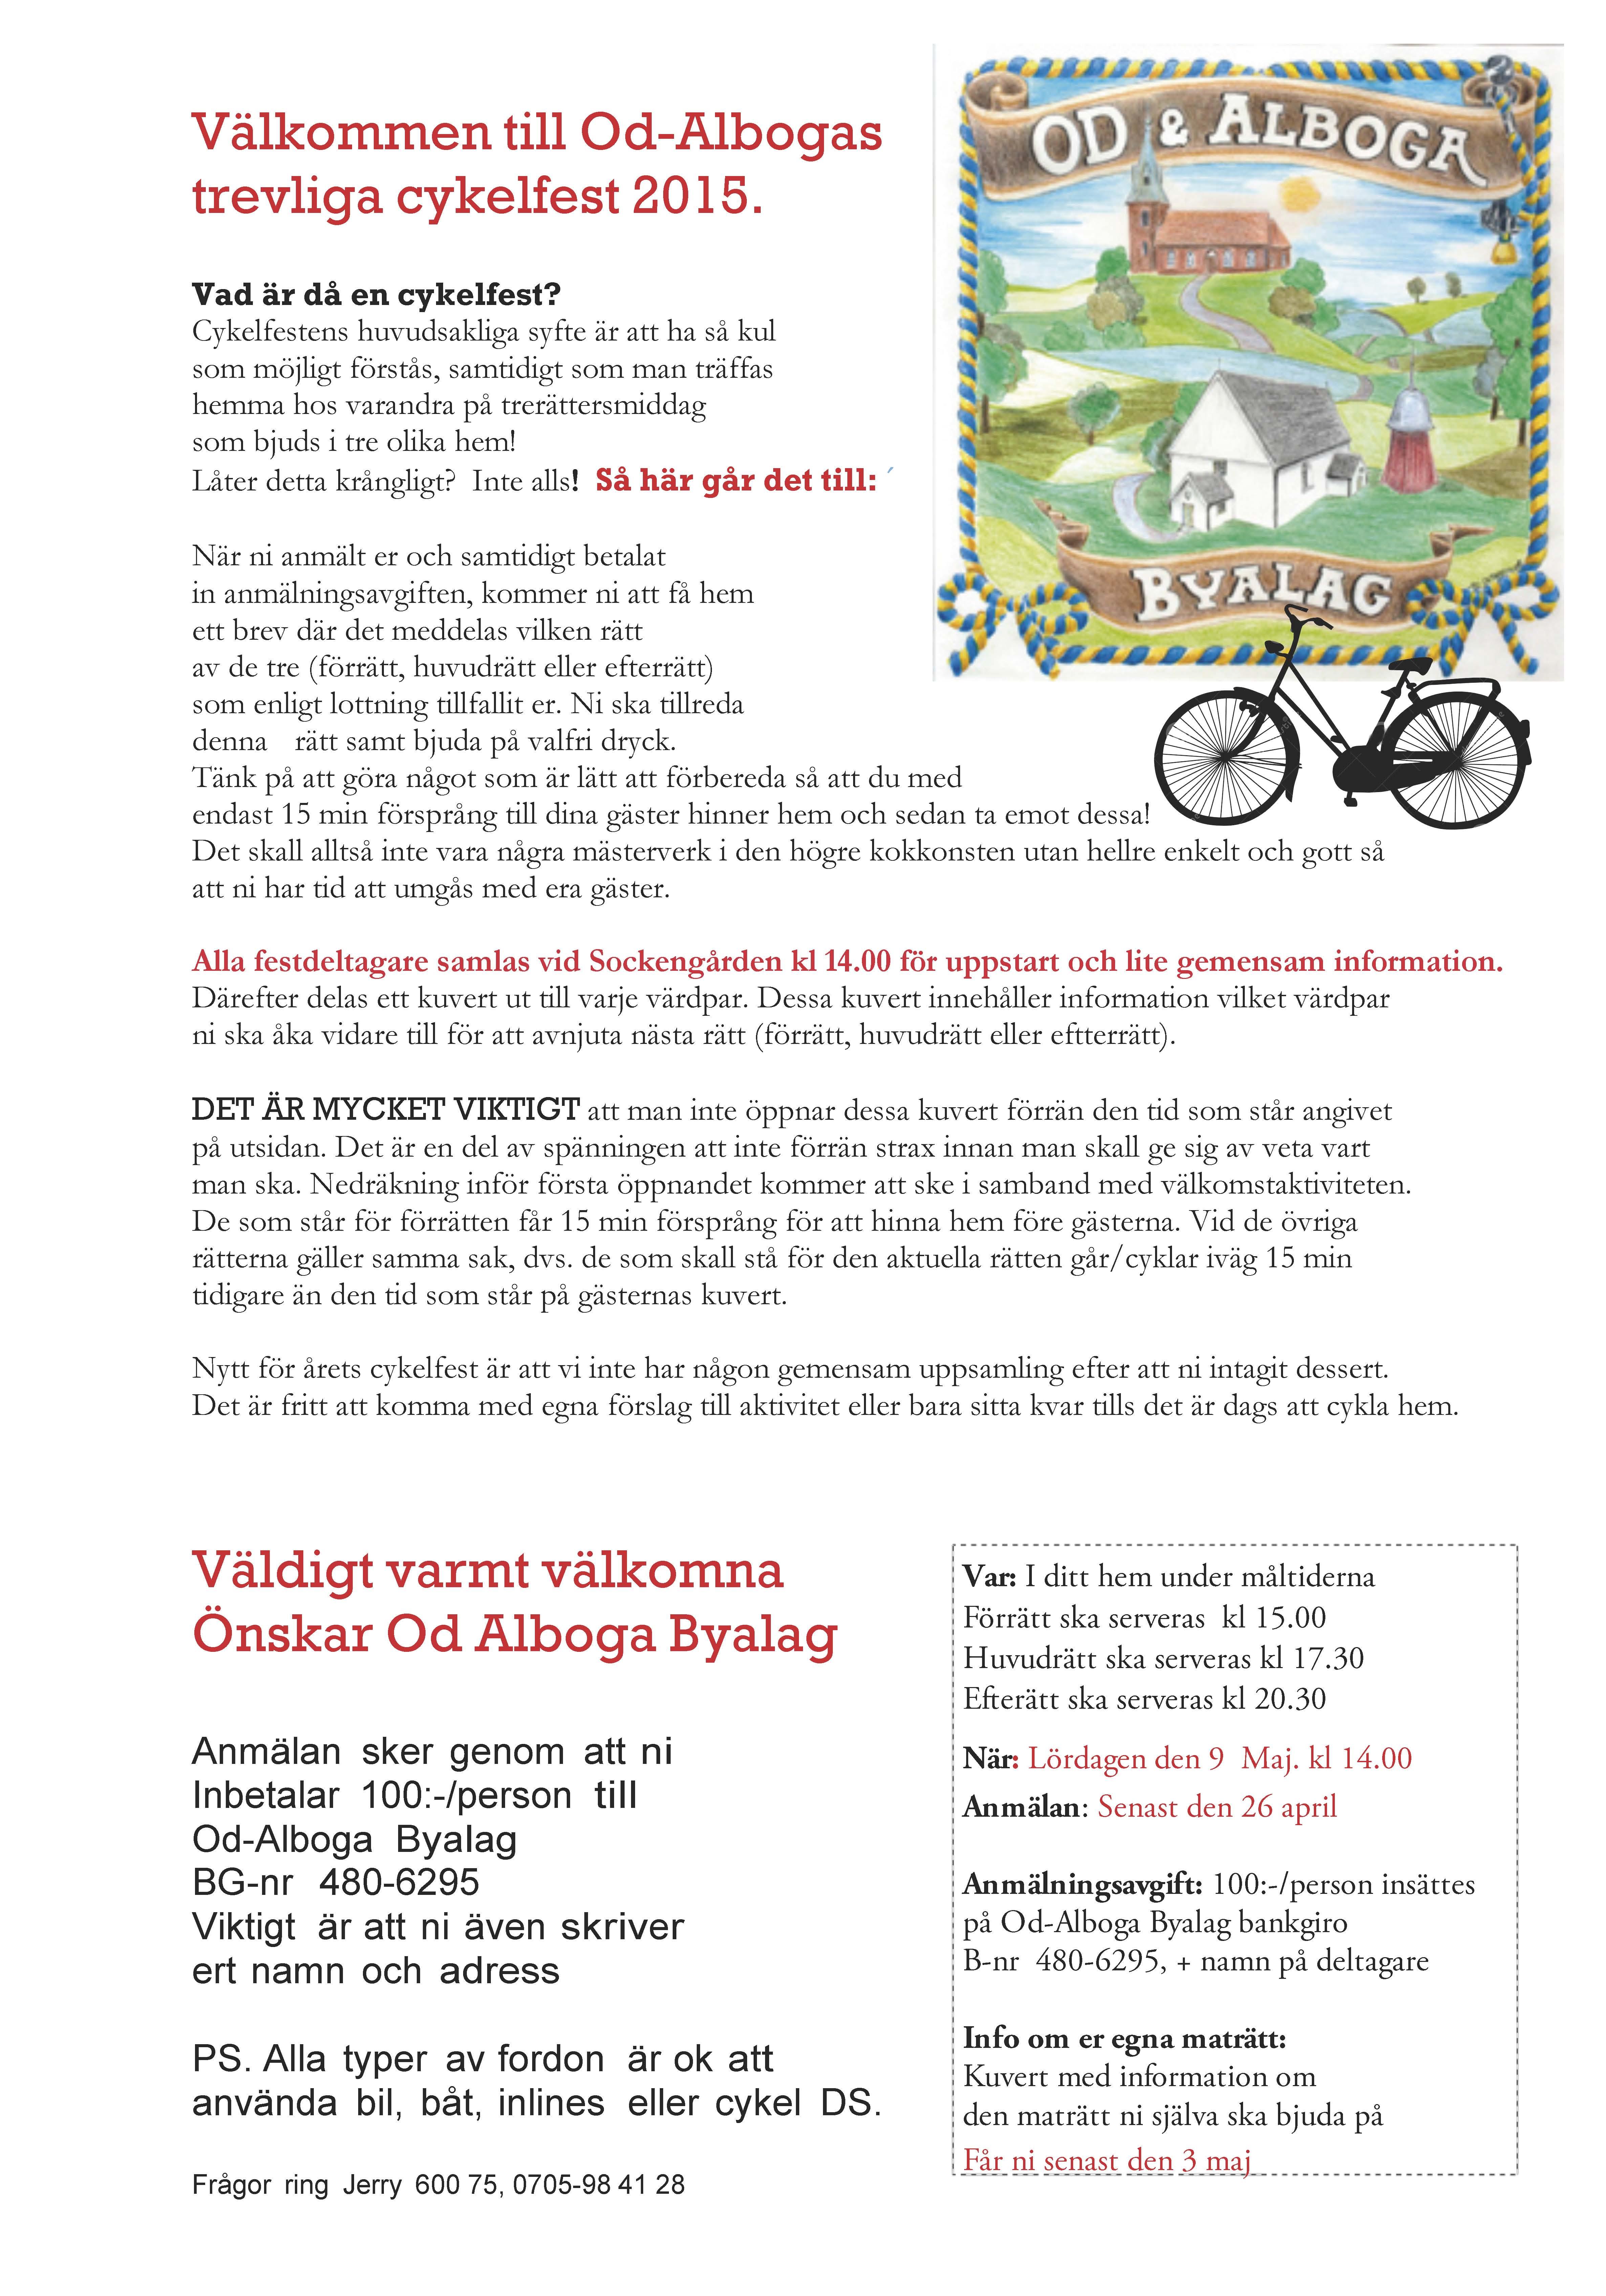 New-Välkommen till Cykelfest-2015